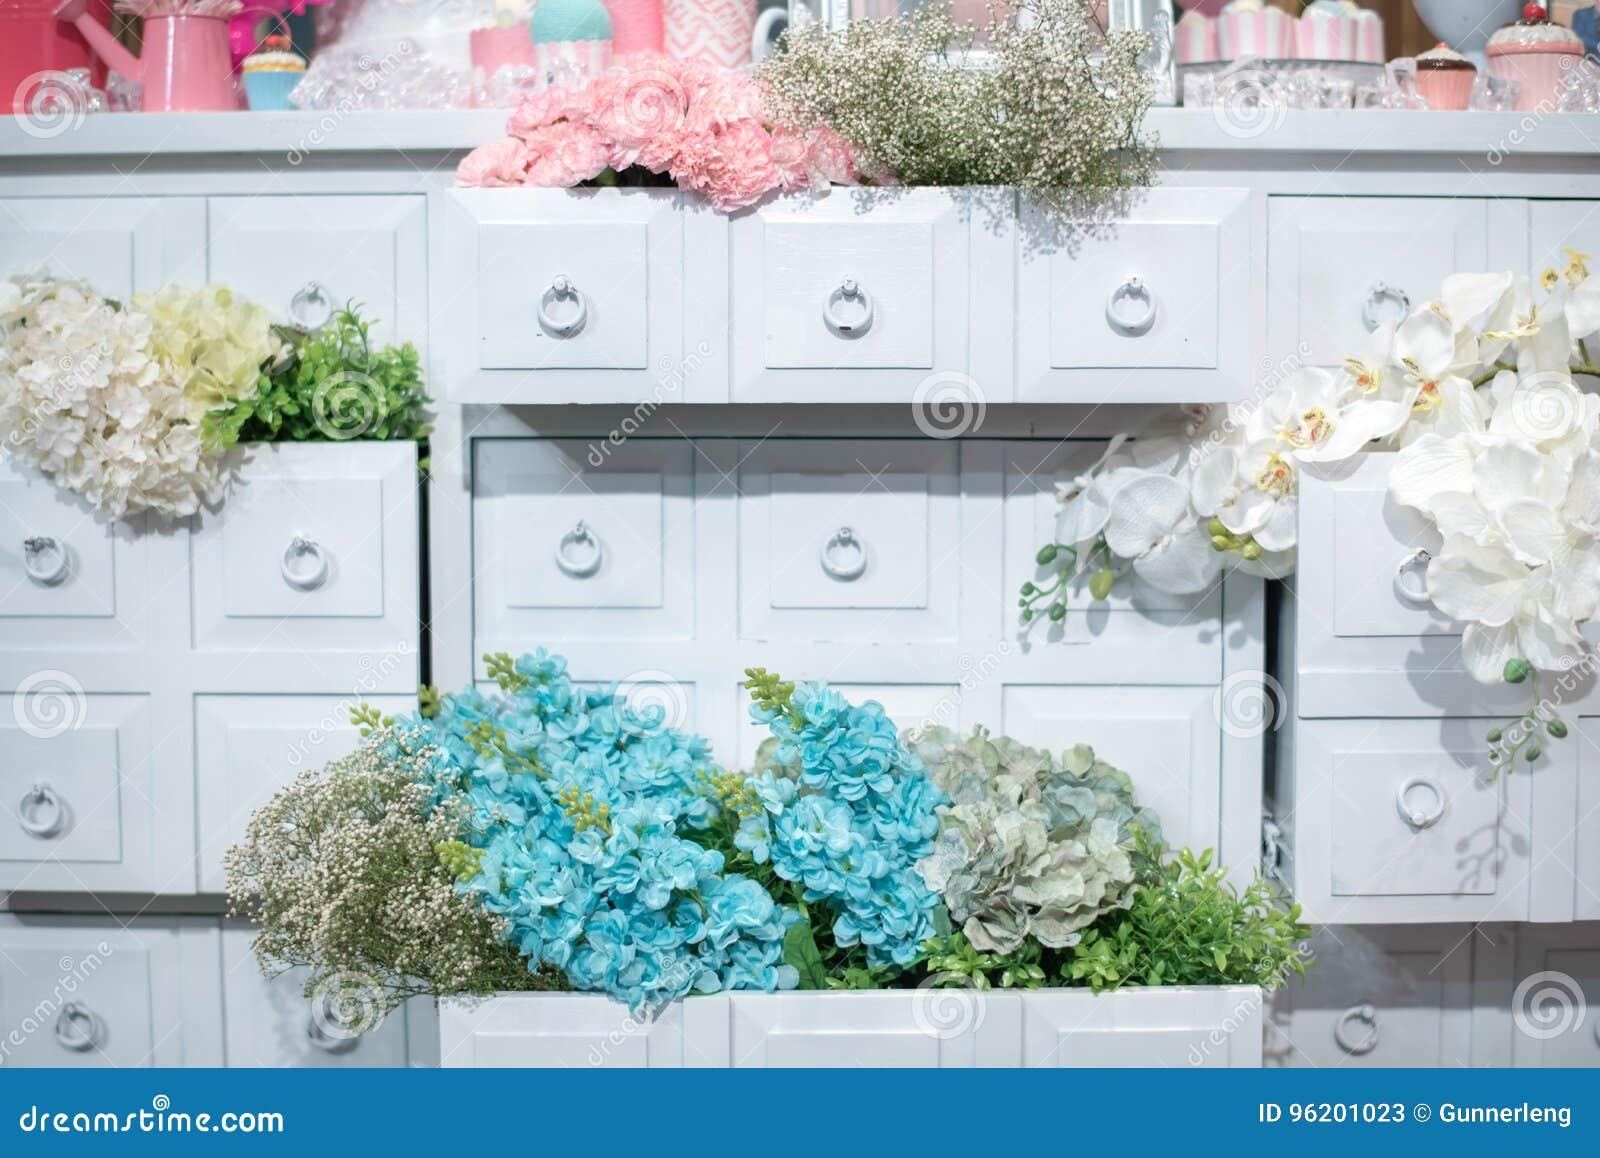 Flor decorada no estilo romântico